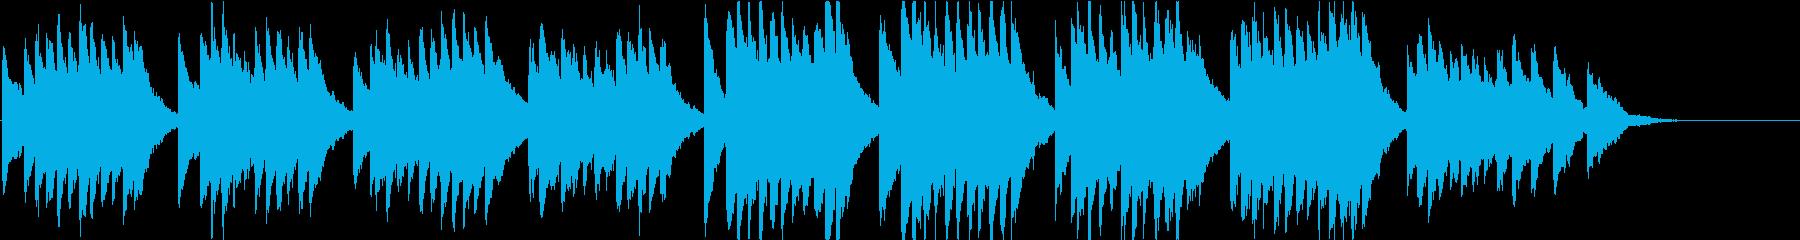 時報・チャイム風の名曲のメロディ・28の再生済みの波形